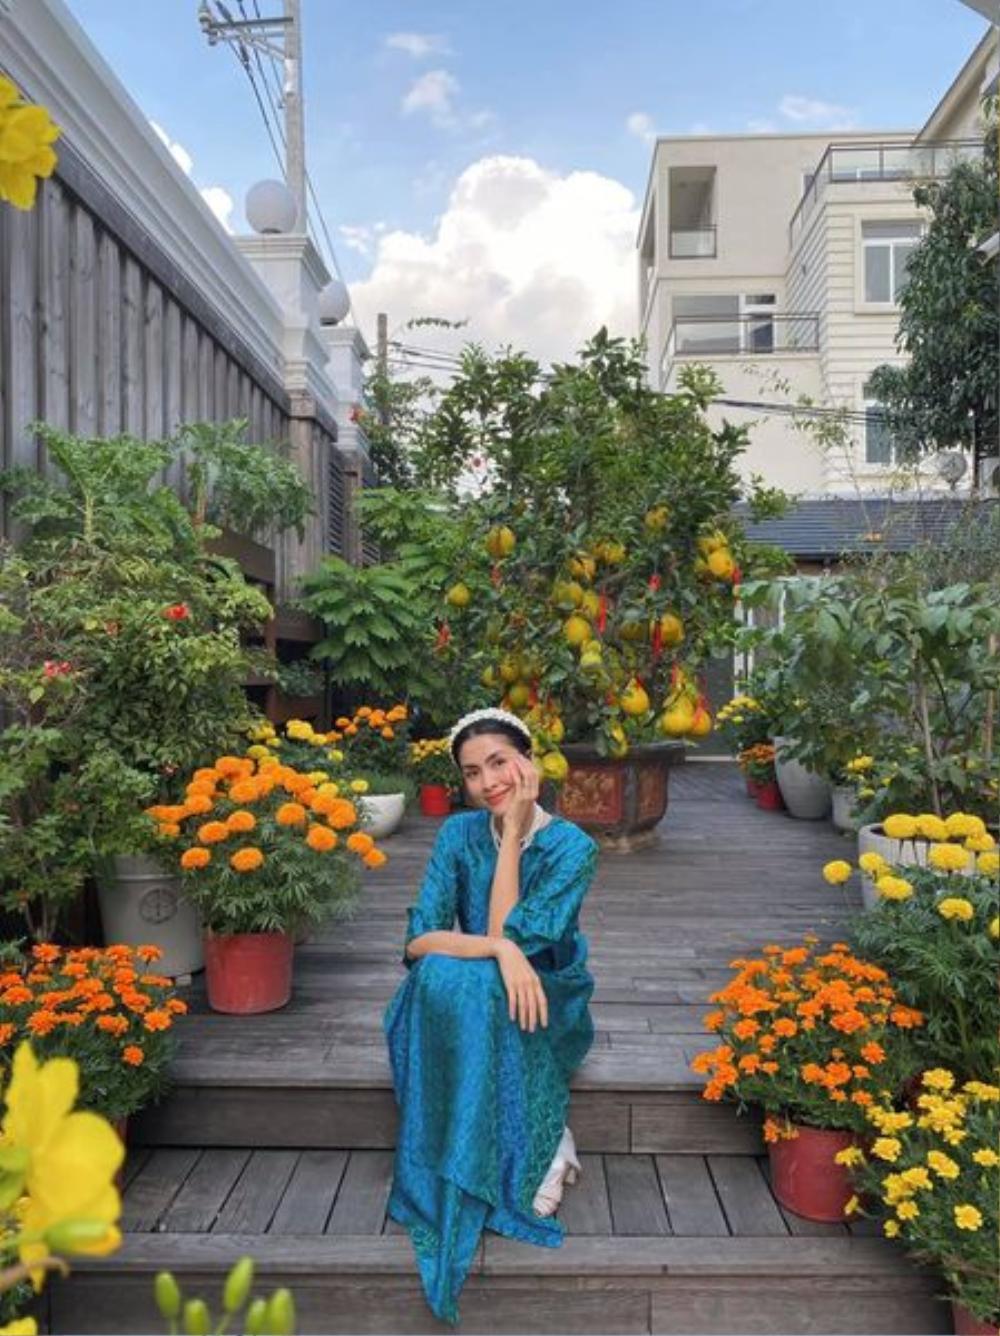 Sao Việt trang trí nhà cửa đón Tết: Ngọc Trinh - Bảo Thy chơi trội, Hà Tăng đơn giản nhưng vẫn 'xịn xò' Ảnh 11